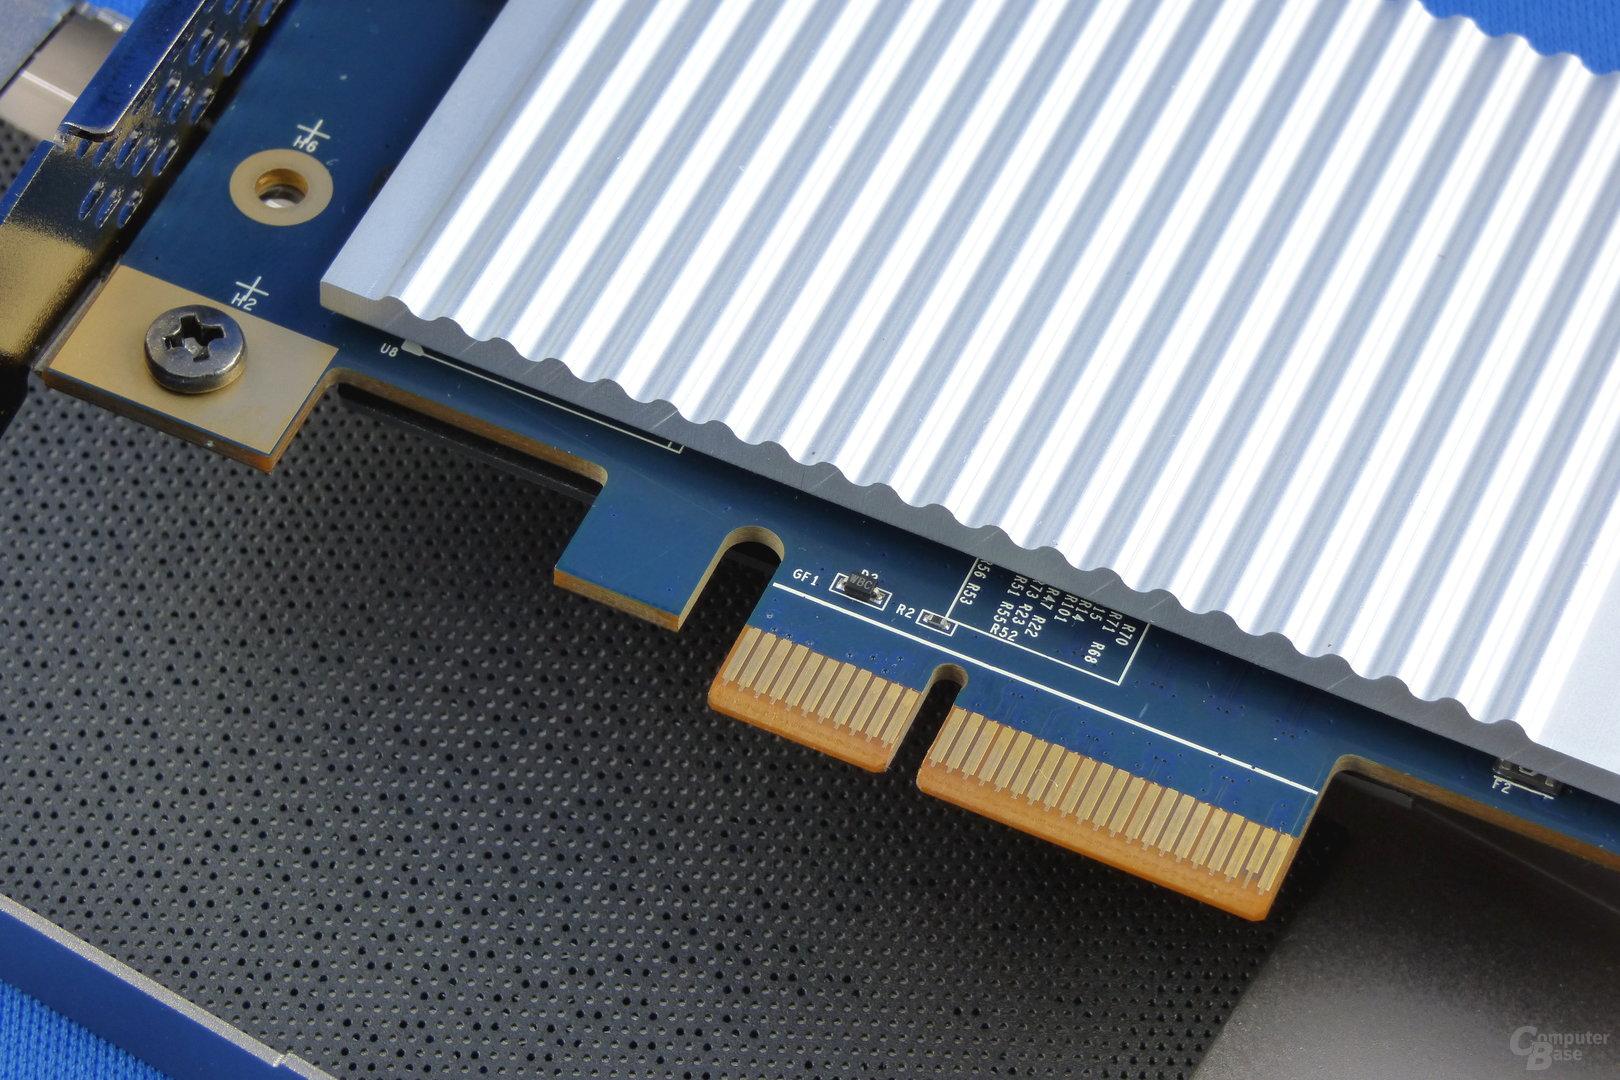 Der Kühlblock der Zotac Sonix PCIe SSD